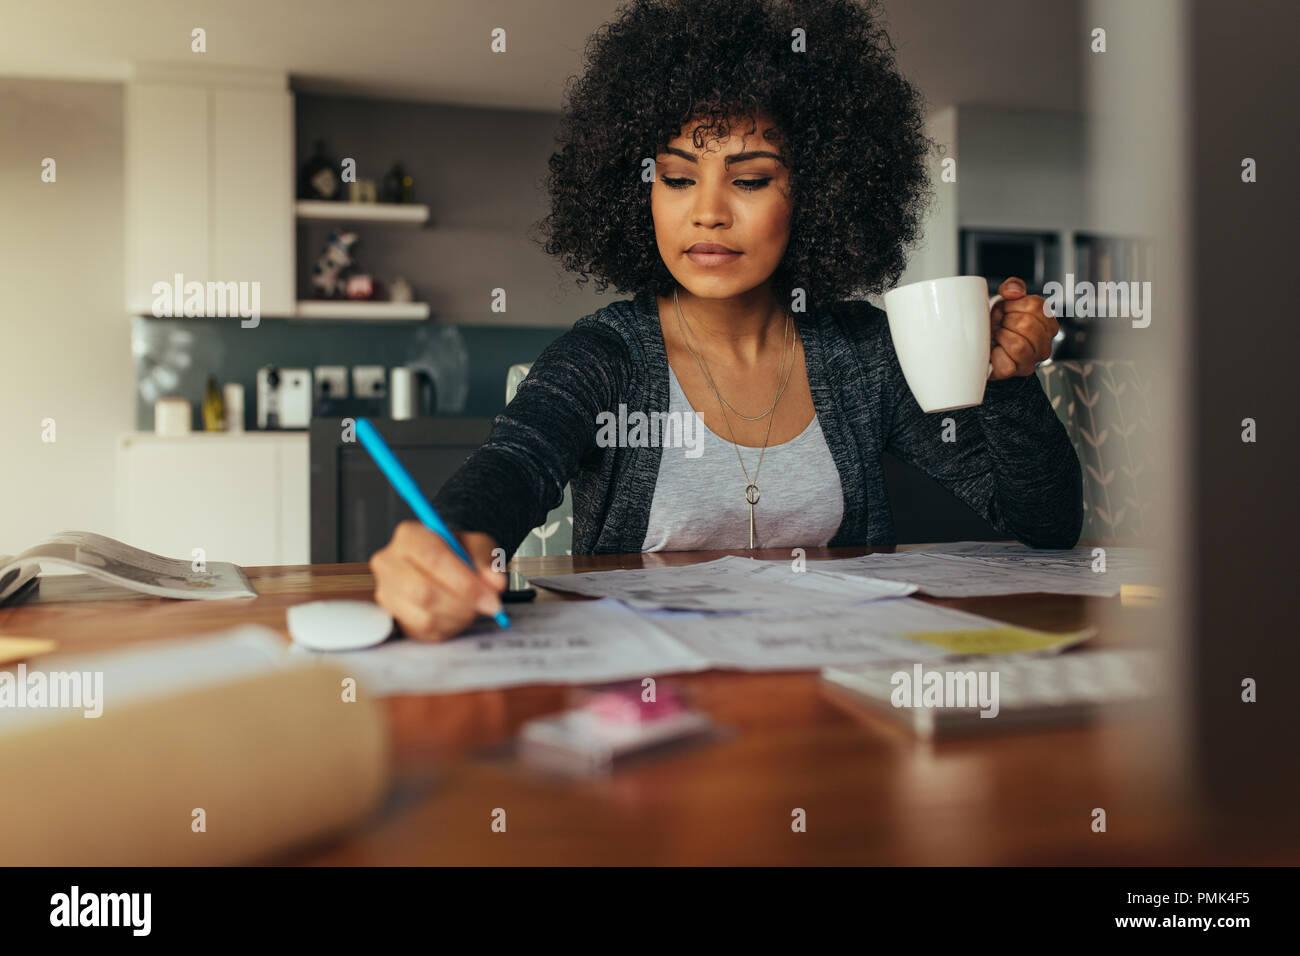 D'femelle plan du projet avec tasse de café dans la main. Architecte d'intérieur de corriger un dessin alors qu'il était assis au bureau à domicile. Photo Stock